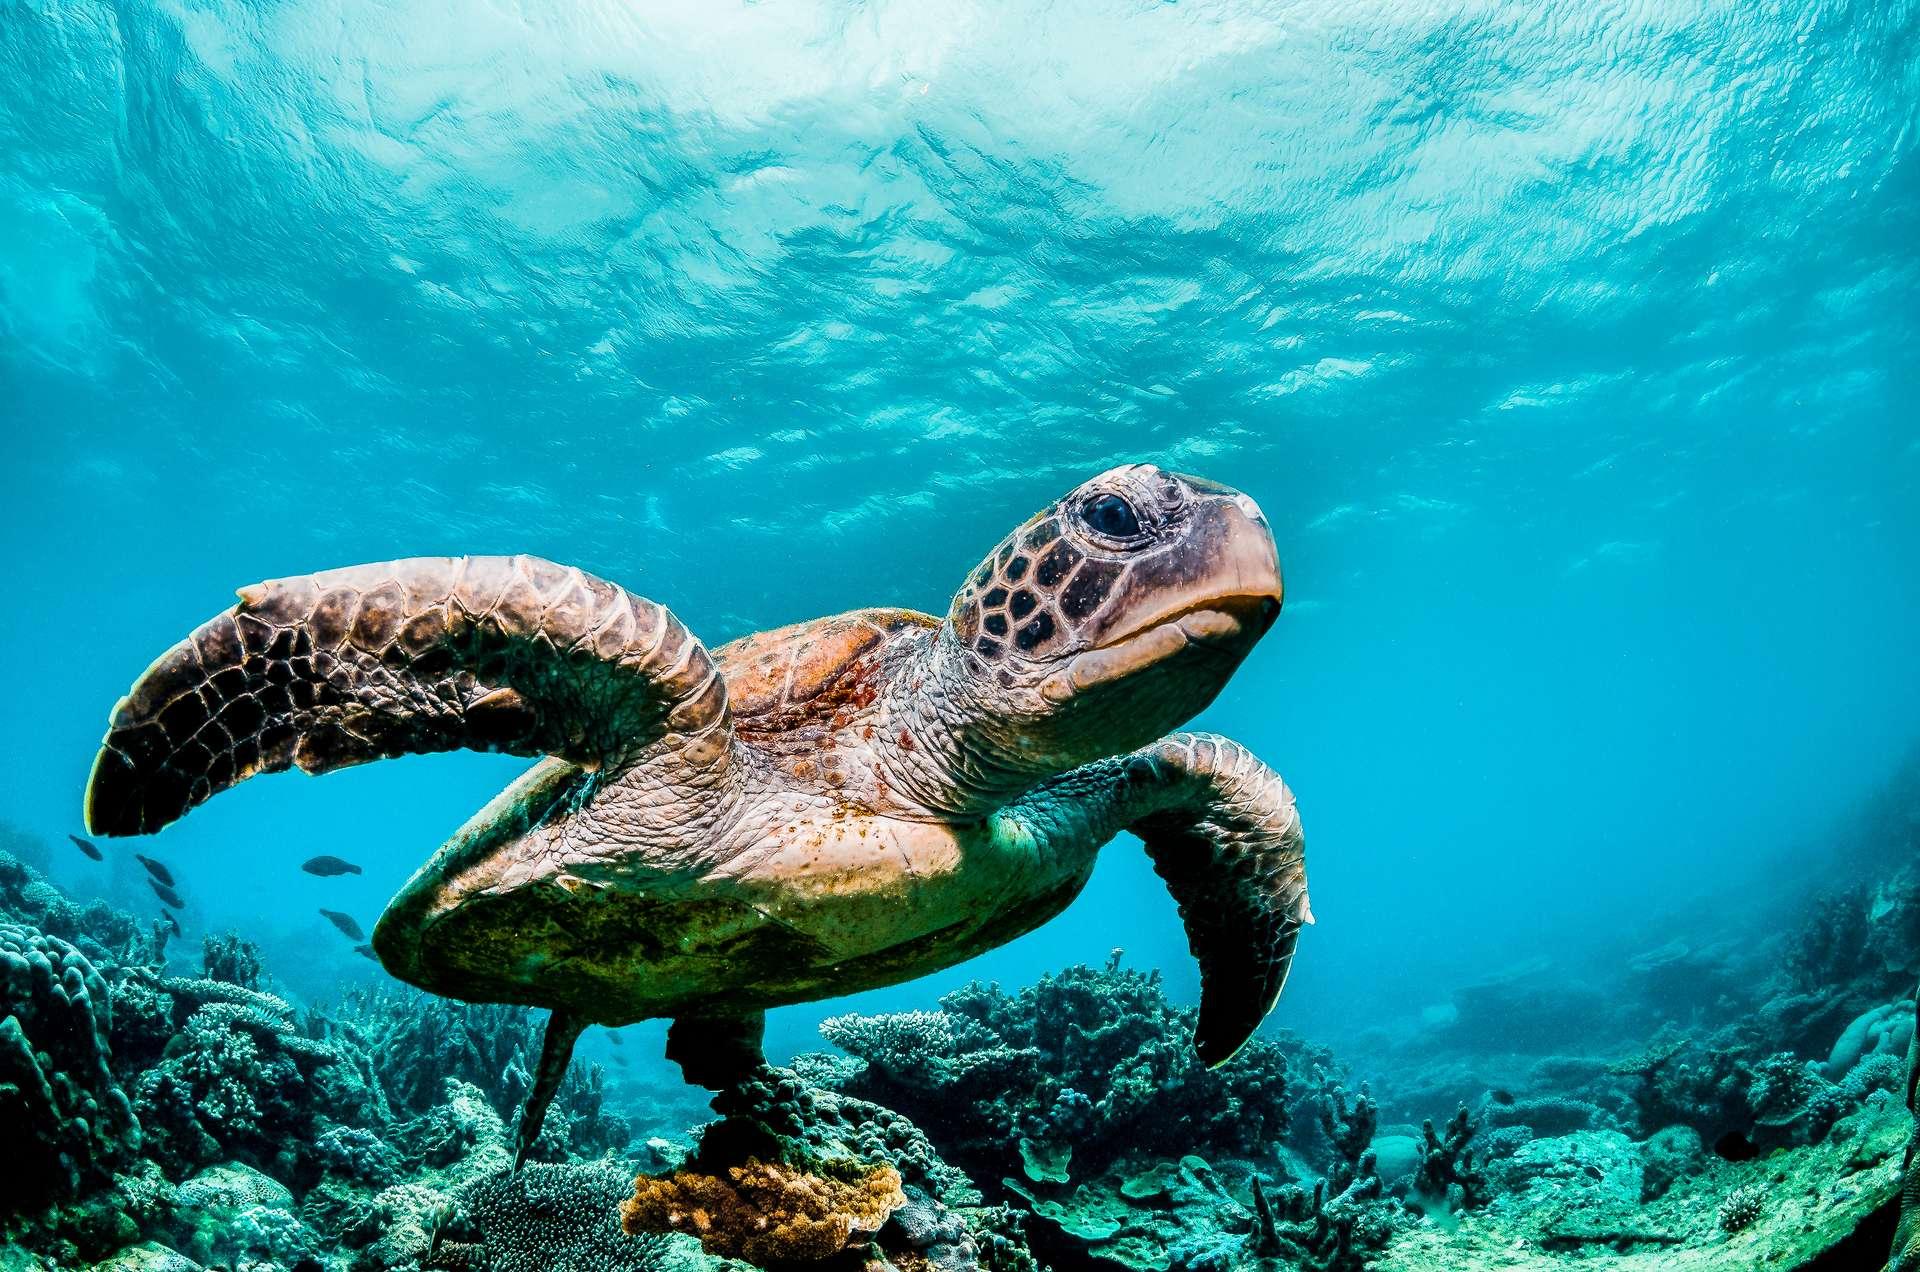 Certains animaux, comme les tortues de mer, ont un sixième sens magnétique. © Aaron, Adobe Stock